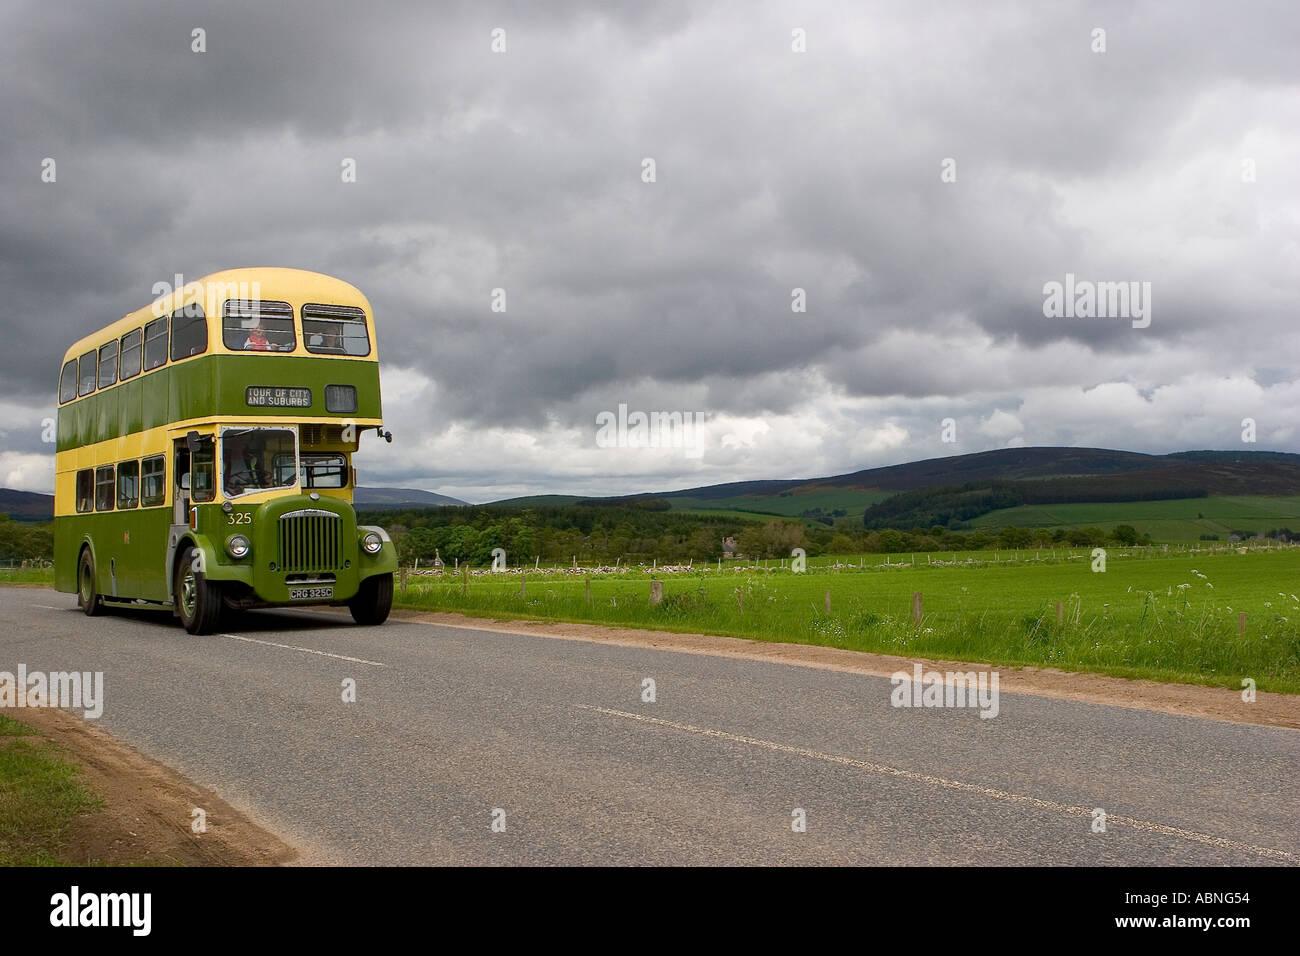 Daimler Bus Stock Photos Amp Daimler Bus Stock Images Alamy